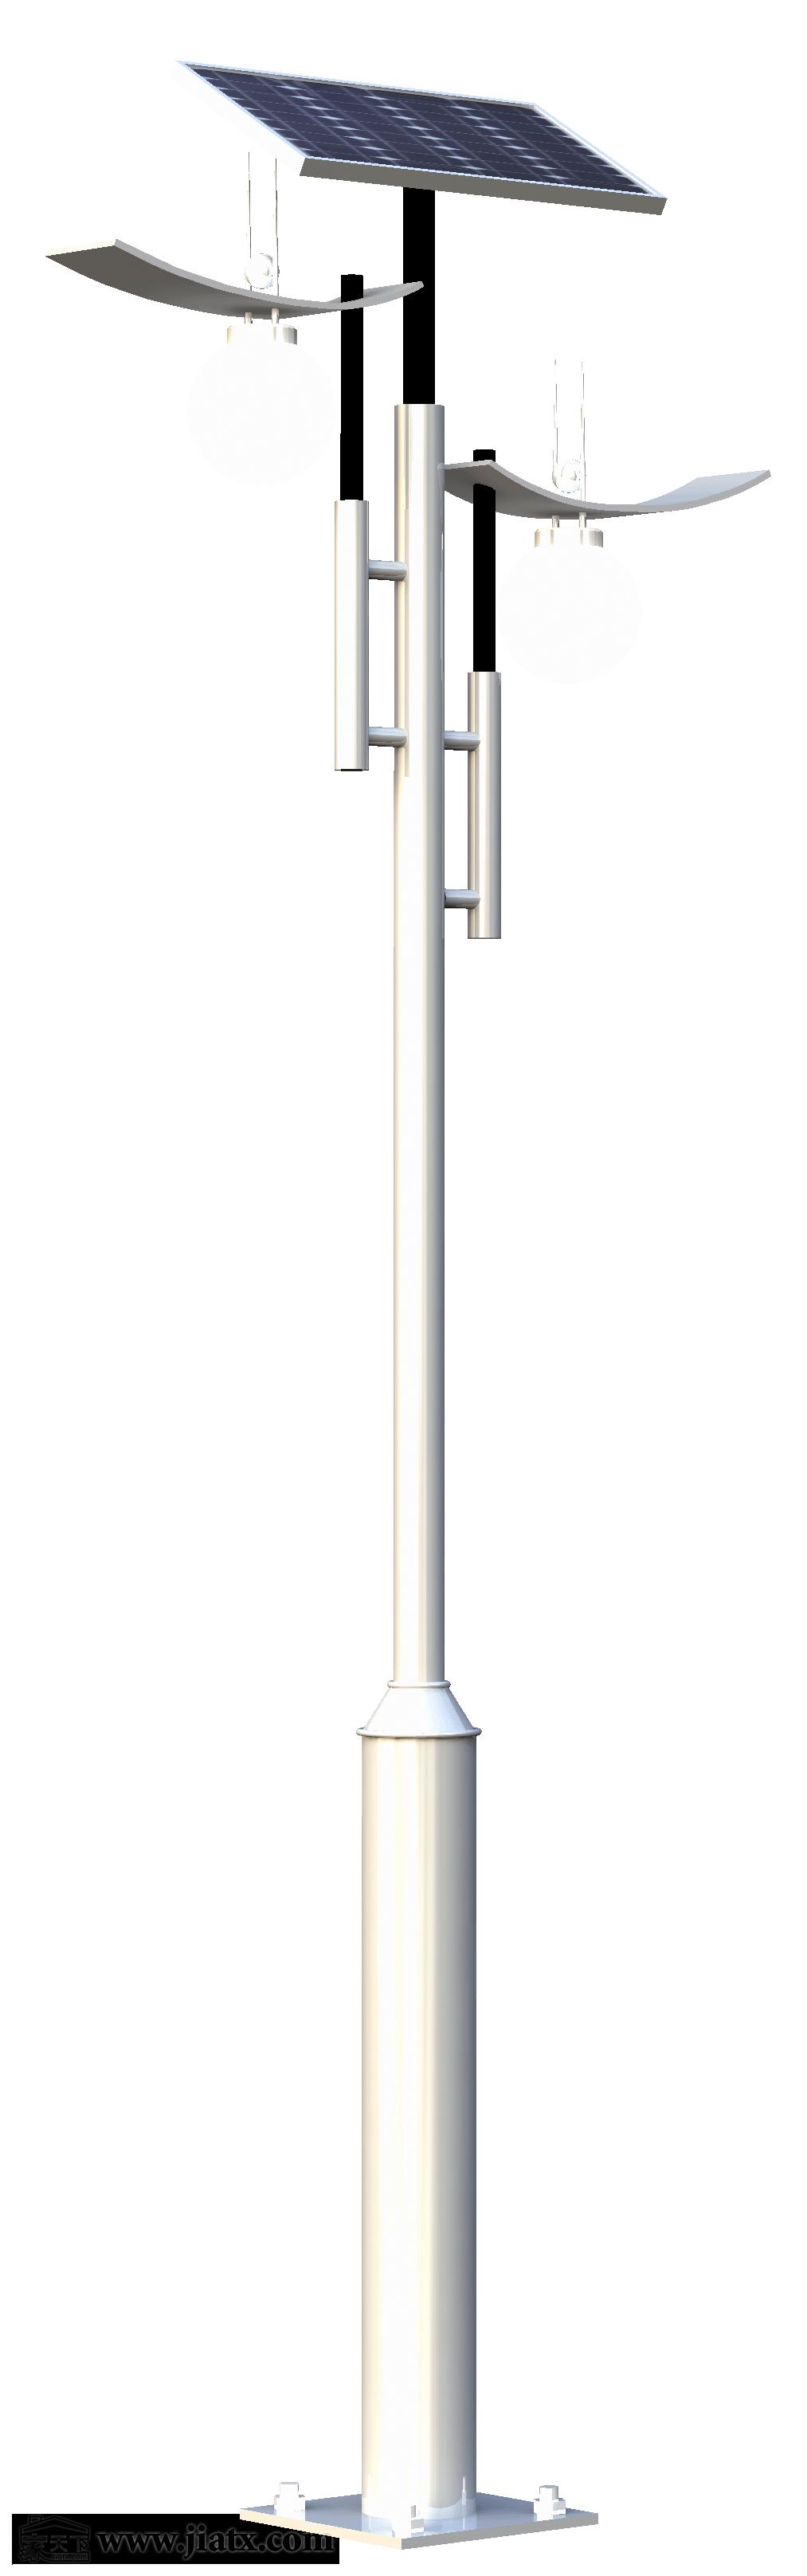 皇明太阳能庭院HZT-17HZT-17